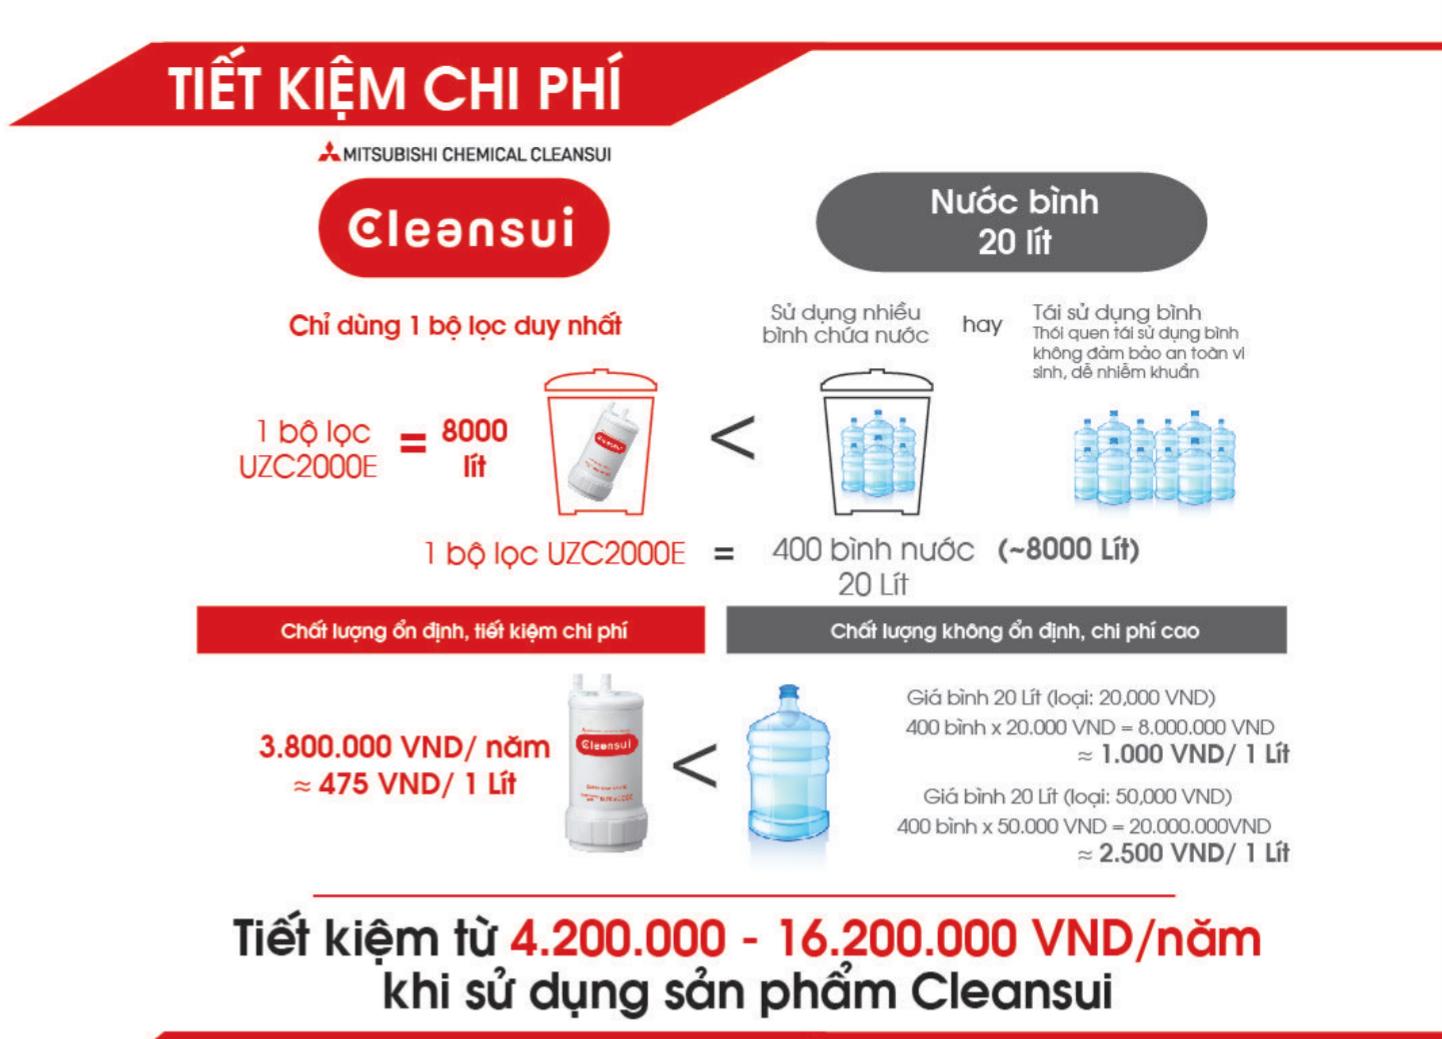 Lõi lọc Cleansui giá như thế nào so với sử dụng nước đóng bình